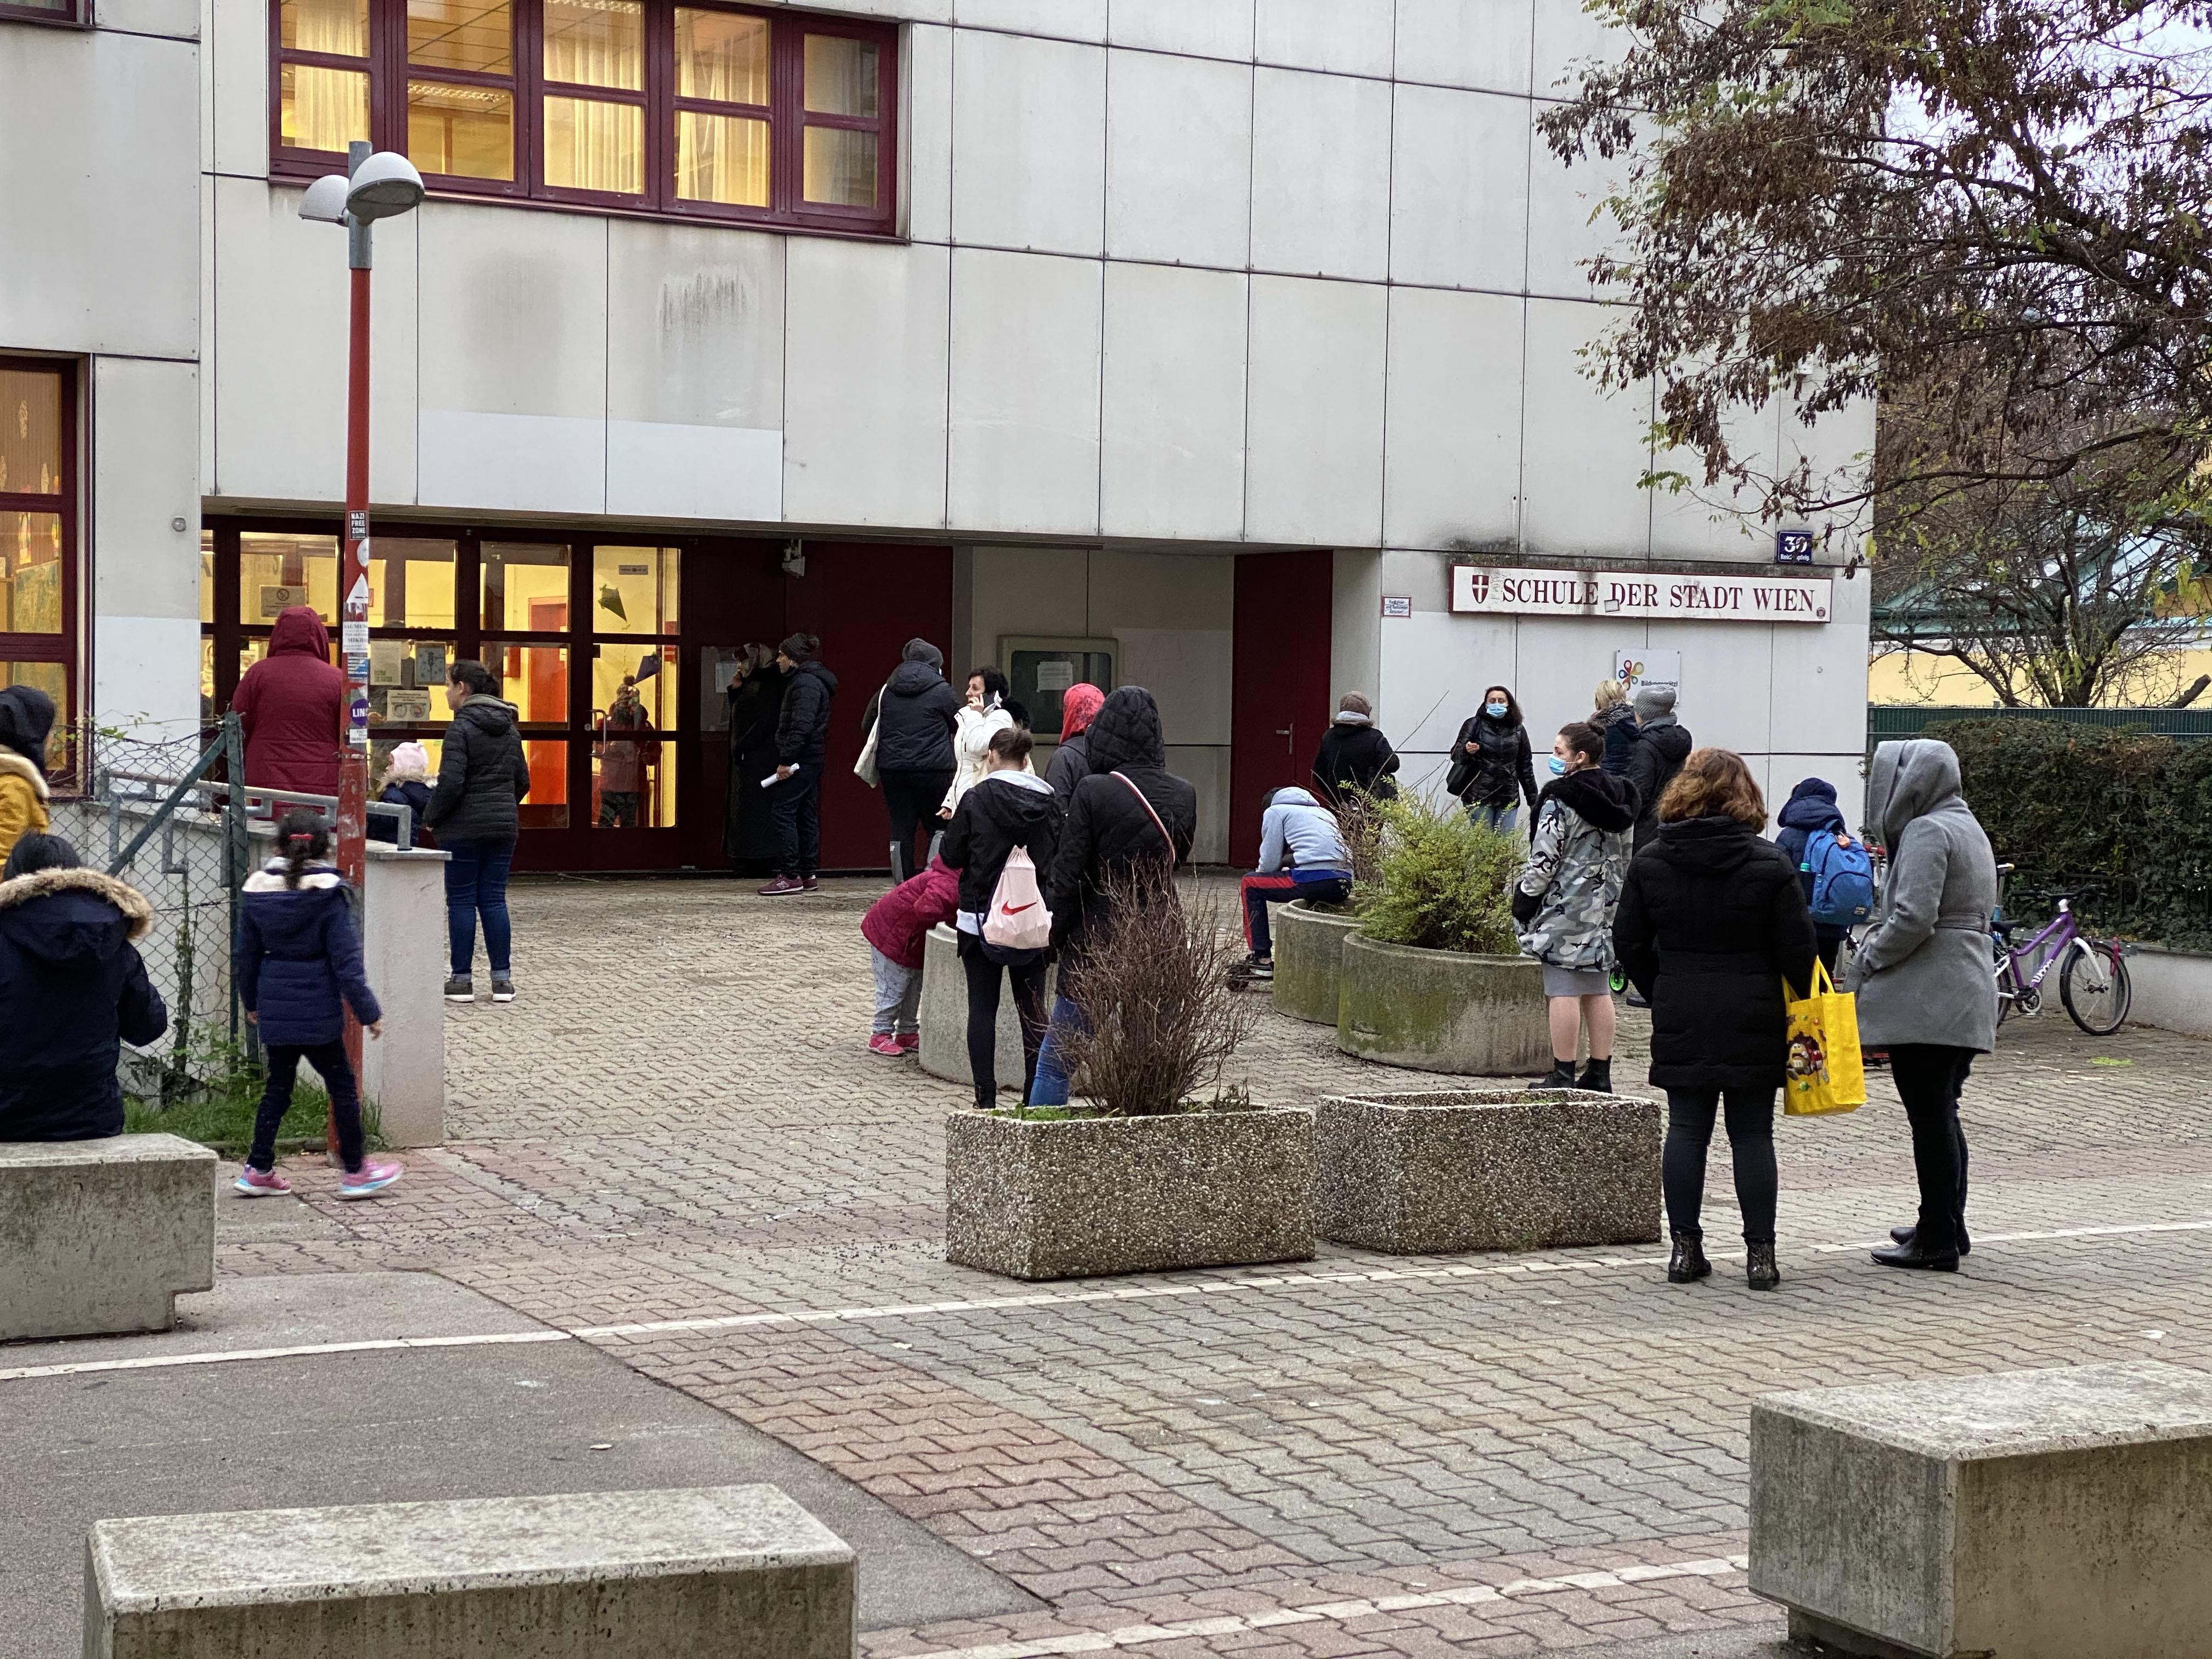 Ausztriában heti három koronavírus-teszttel lehet csak iskolába menni